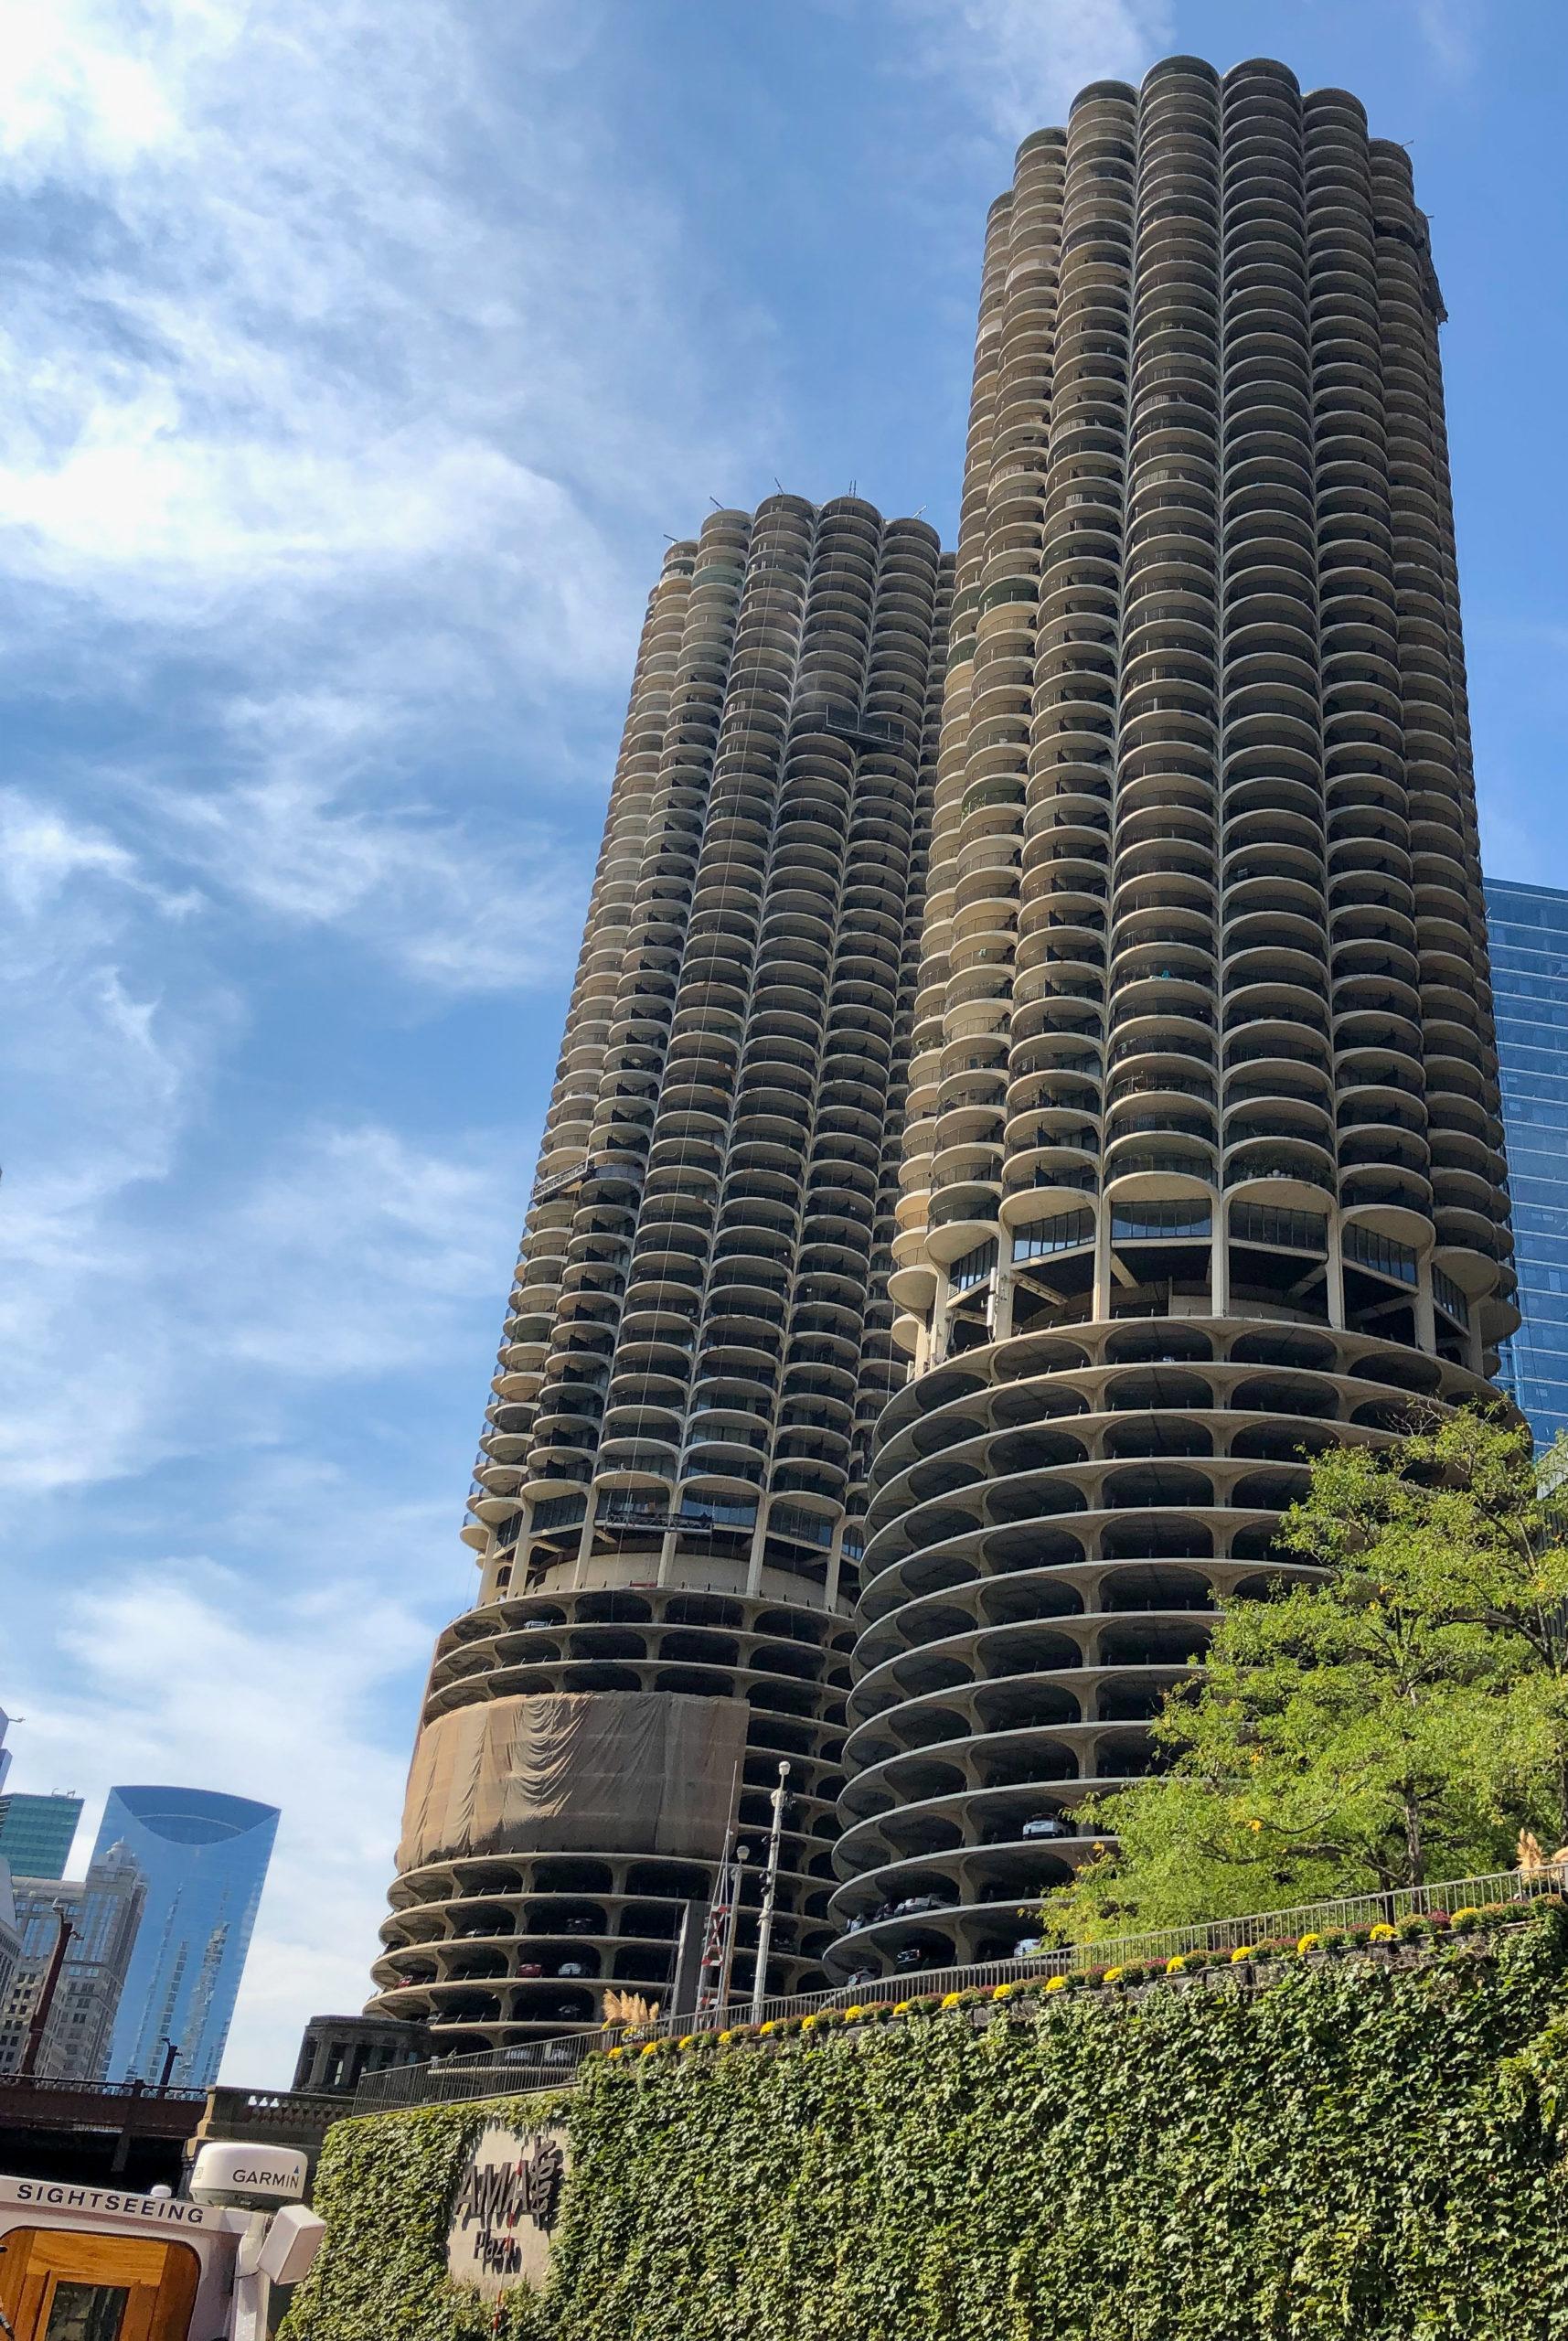 Die Marina Towers in Chicago werden gerne mit Maiskolben verglichen.